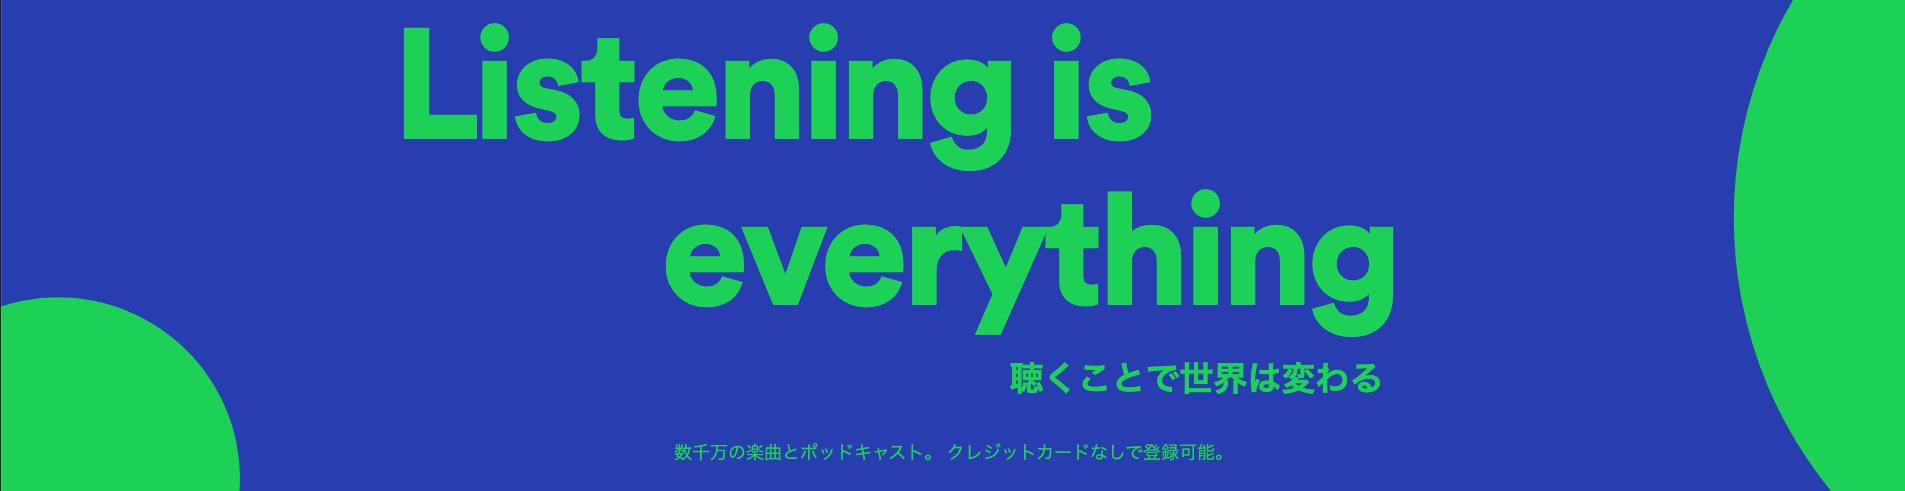 Spotify Japan 2020/11